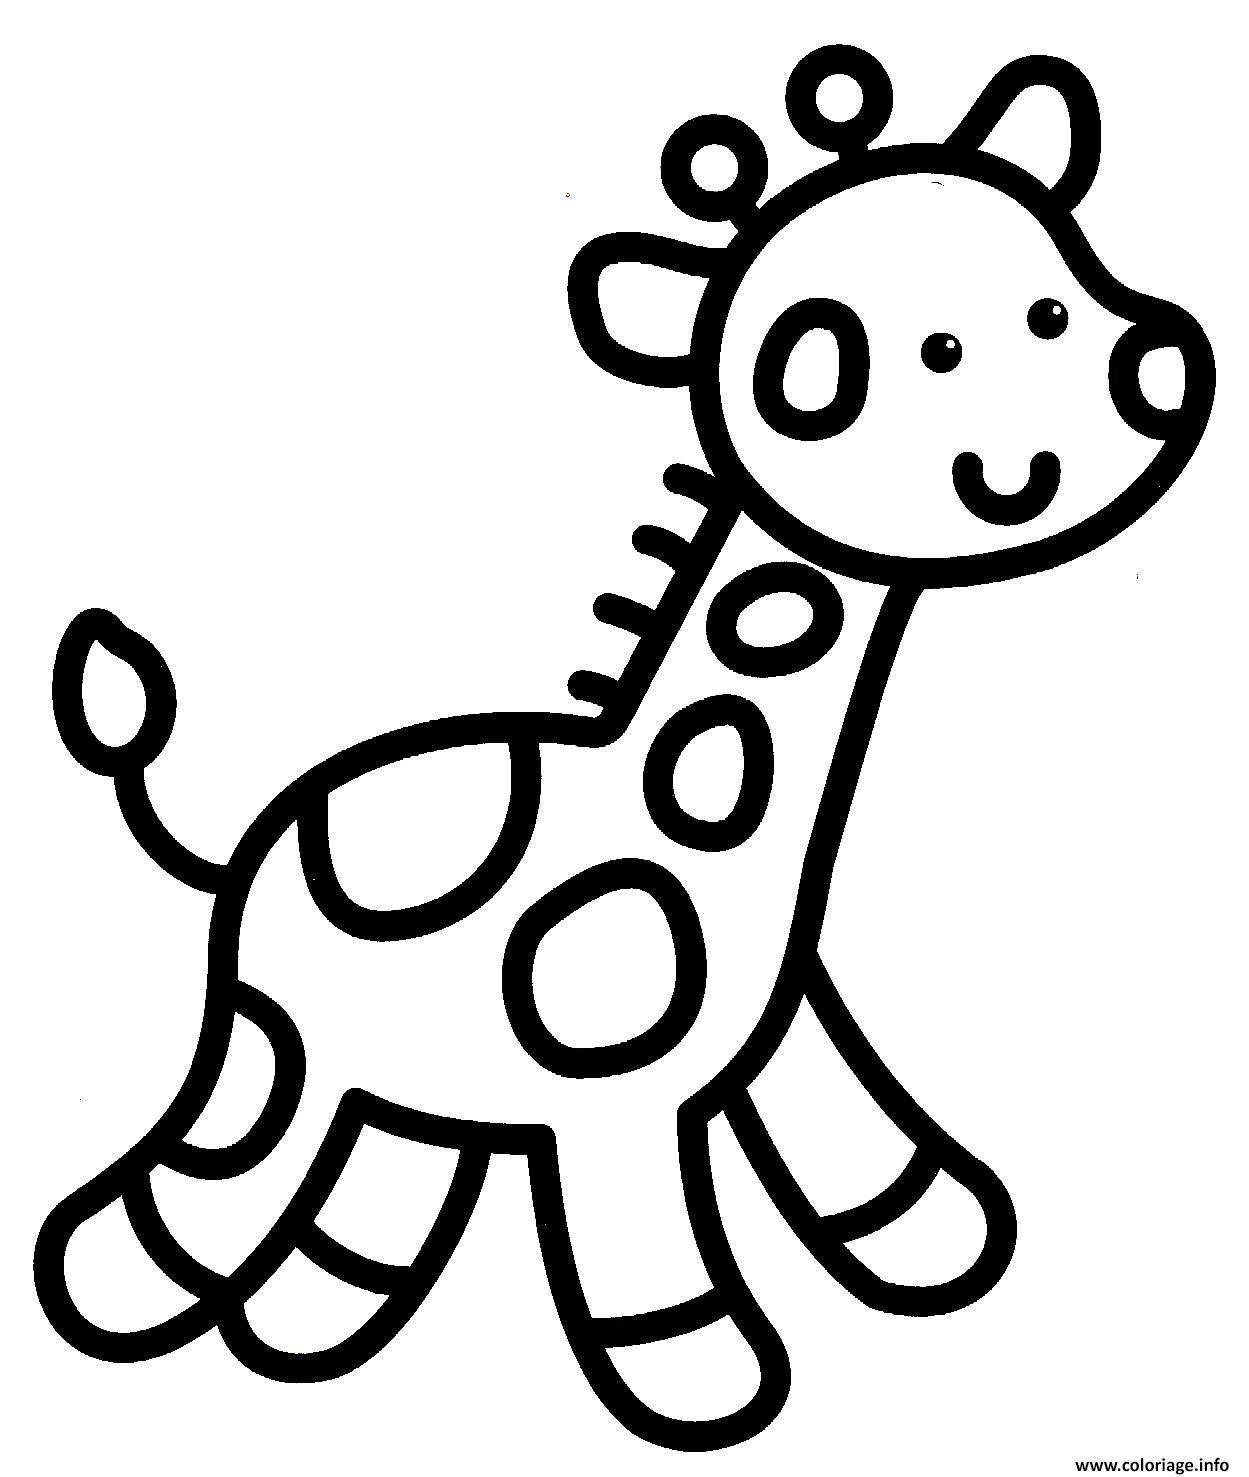 Coloriage Giraffe Facile Enfant Maternelle à Imprimer Peleda